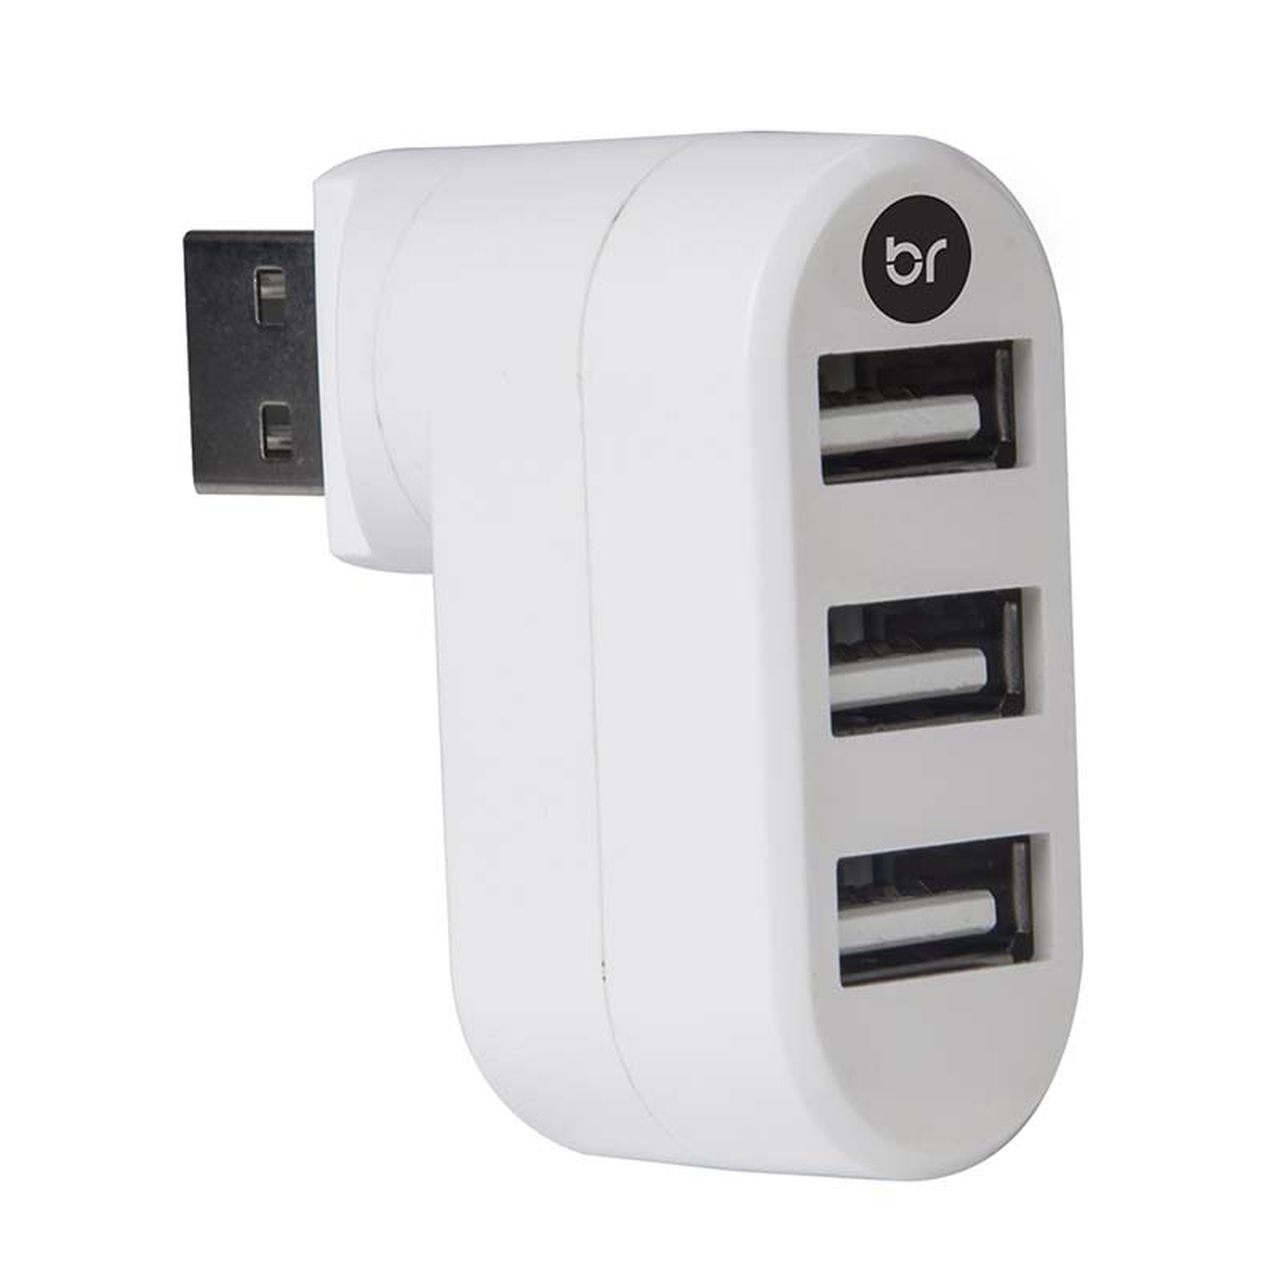 Hub e Carregador USB 2.0 3 portas com plug giratório  335 - Bright